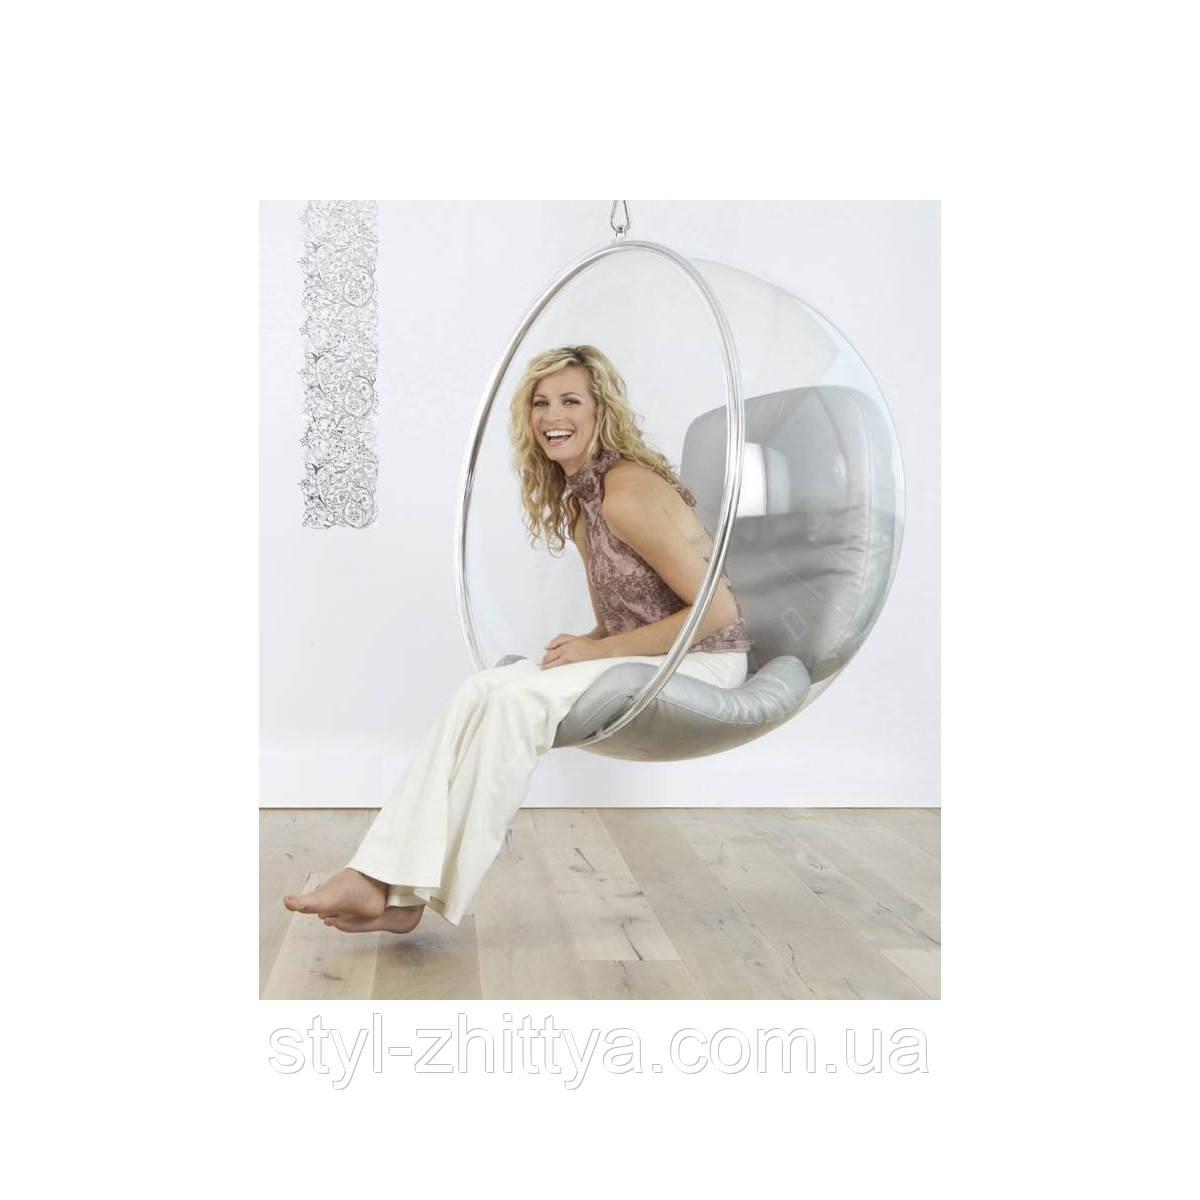 """Підвісне крісло-шар """"Бульбашка"""", дизайн BUBBLE CHAIR"""